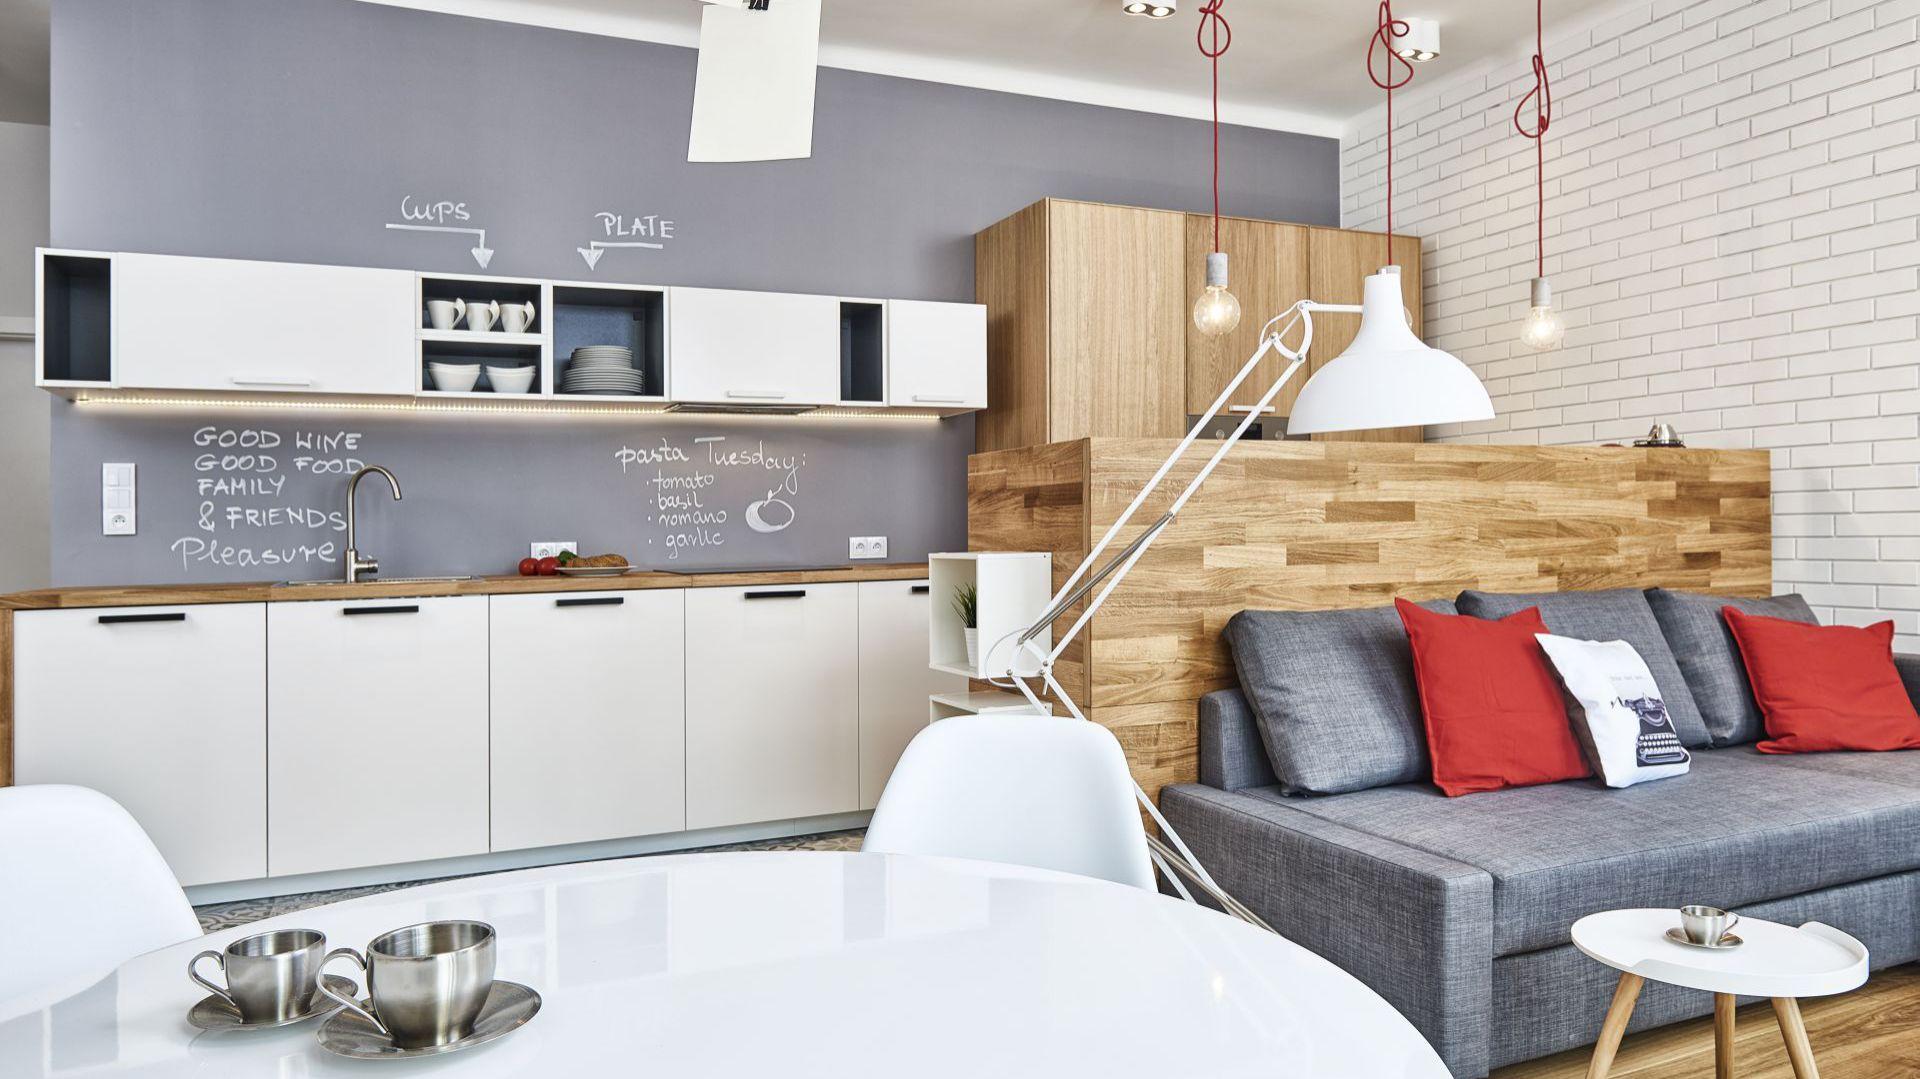 Białe fronty kuchenne optycznie powiększą małą kuchnię. Dodając do nich elementy drewniane sprawimy, że aranżacja będzie przytulna. Projekt Katarzyna Kiełek, Agnieszka Komorowska-Różycka. Fot. Studio 17 pixeli